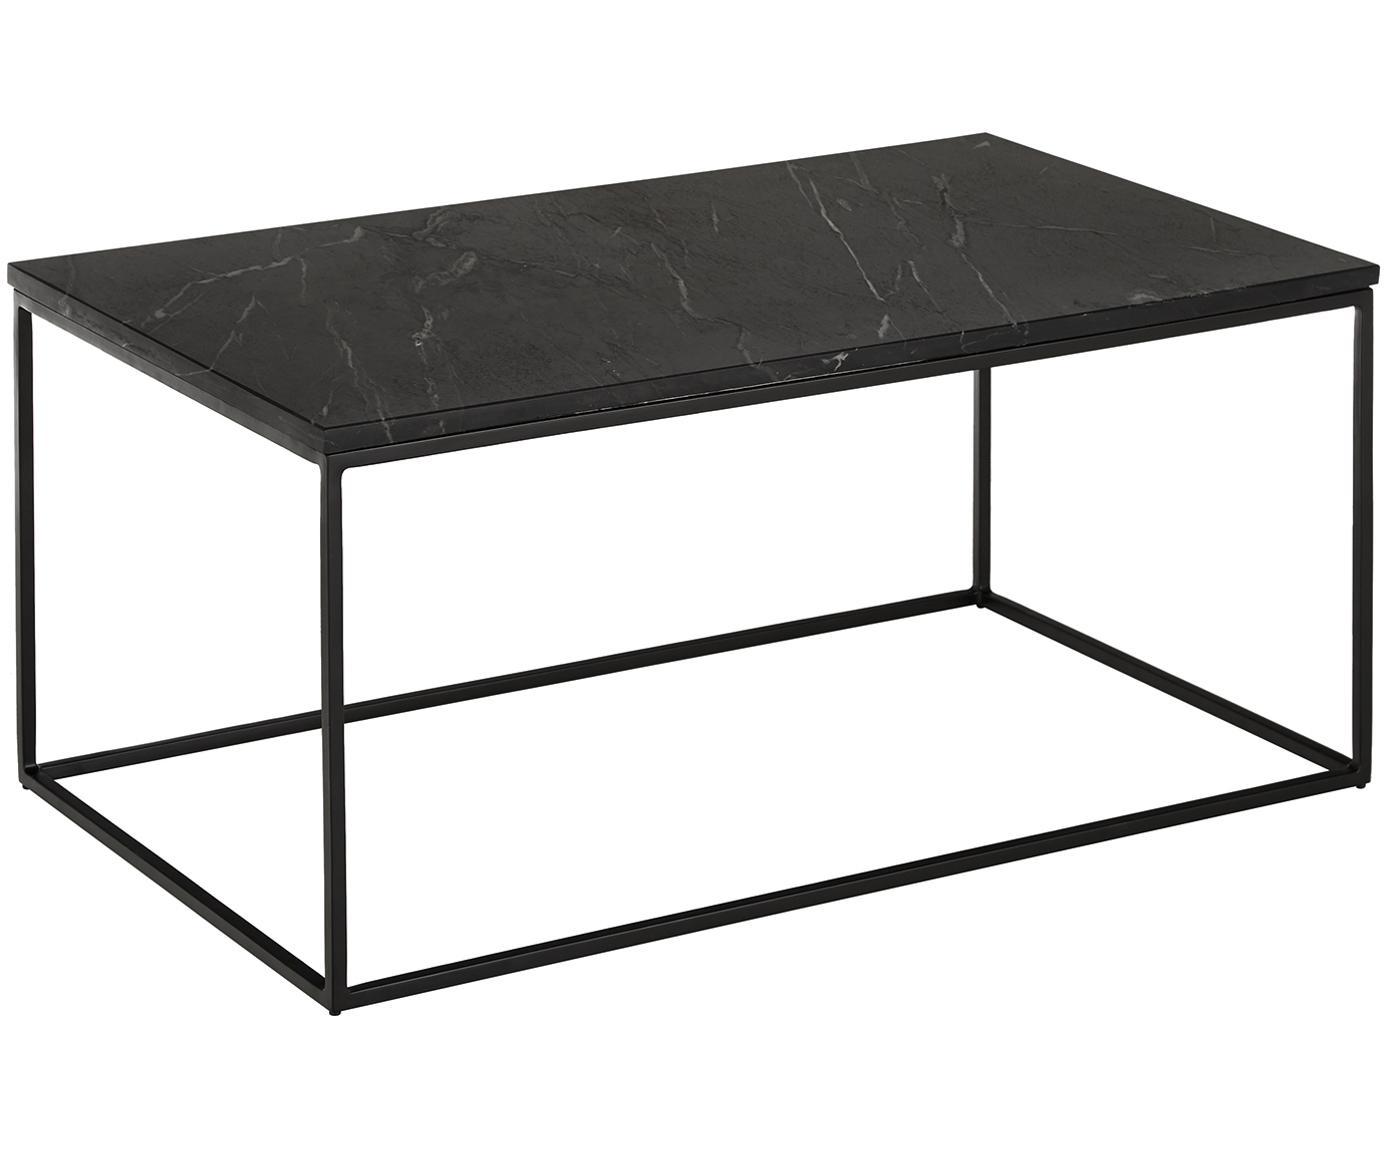 Marmor-Couchtisch Alys, Tischplatte: Marmor, Gestell: Metall, pulverbeschichtet, Tischplatte: Schwarzer Marmor, leicht glänzendGestell: Schwarz, matt, B 80 x H 45 cm